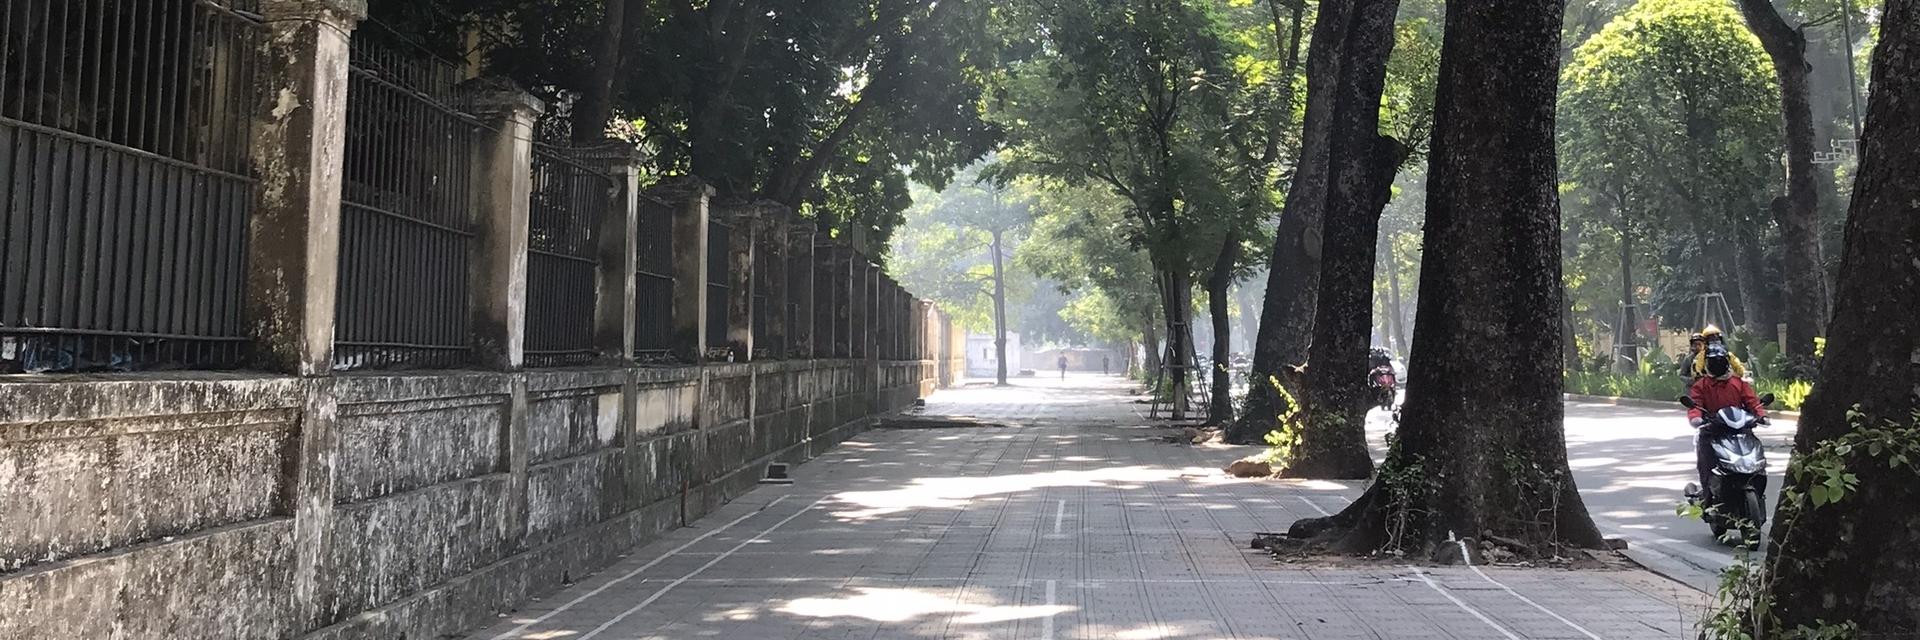 https://gody.vn/blog/tranghui2019493/post/review-suong-suong-chuyen-du-lich-ha-noi-ha-noi-khong-voi-duoc-dau-6017